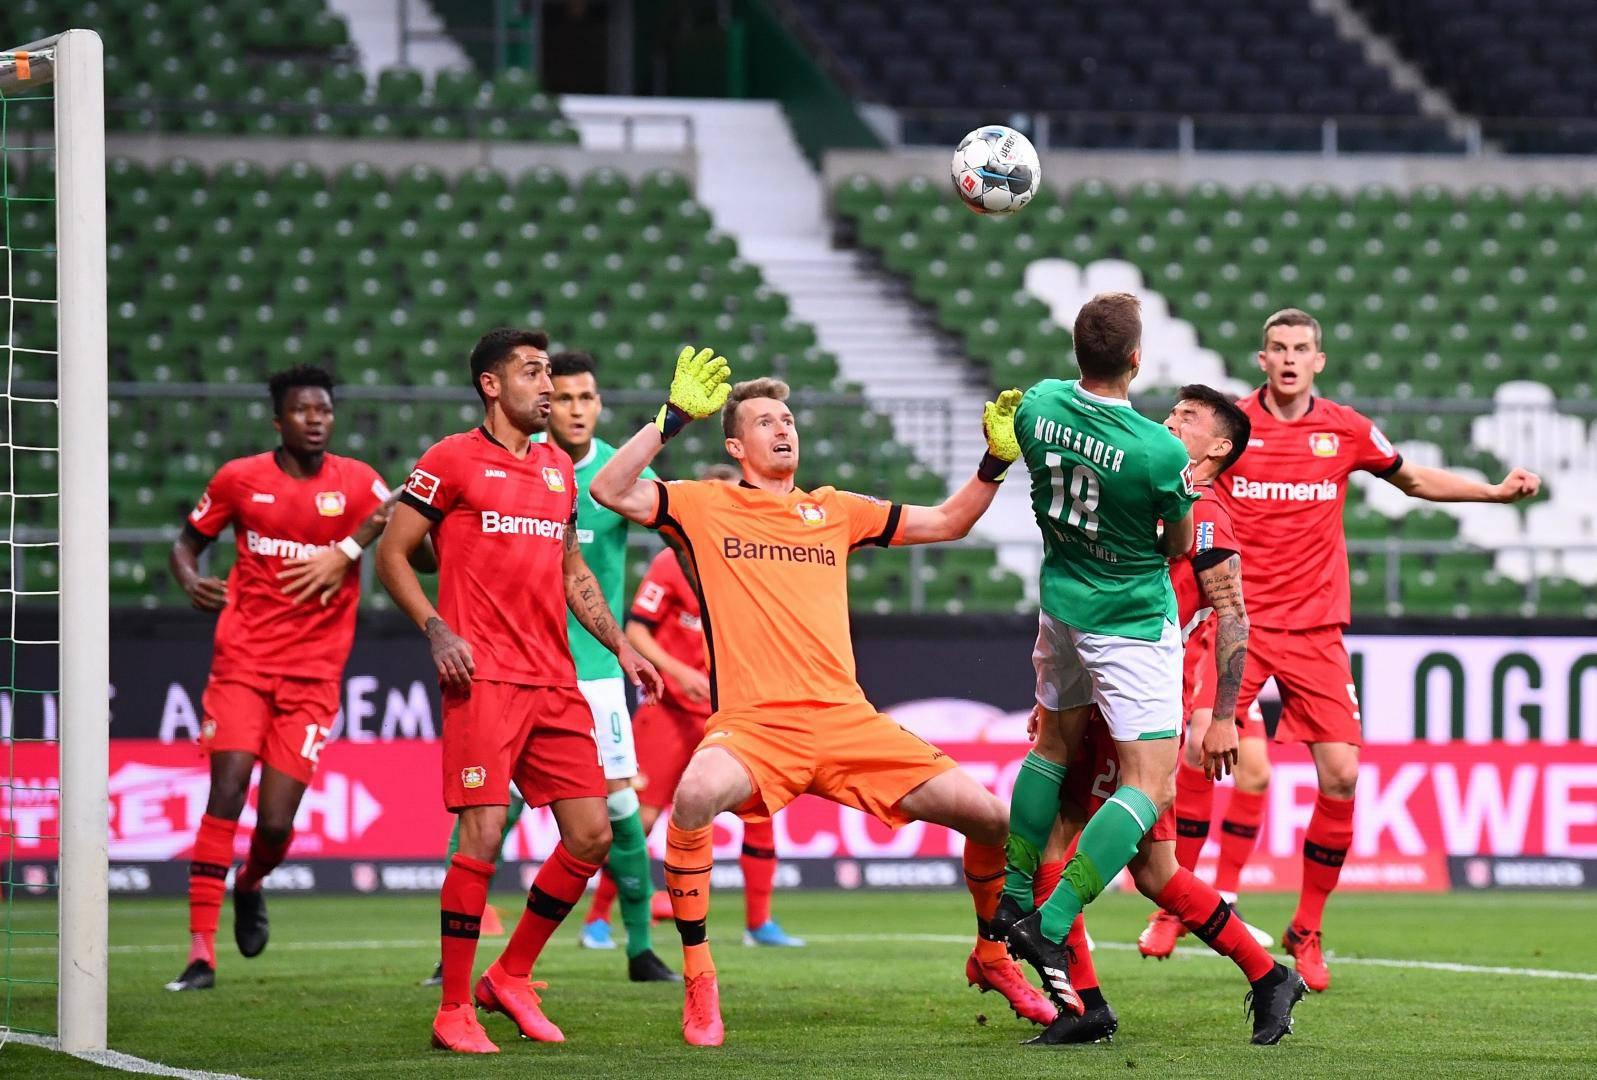 SV Werder Bremen vs Bayer 04 Leverkusen, 18.05.2020